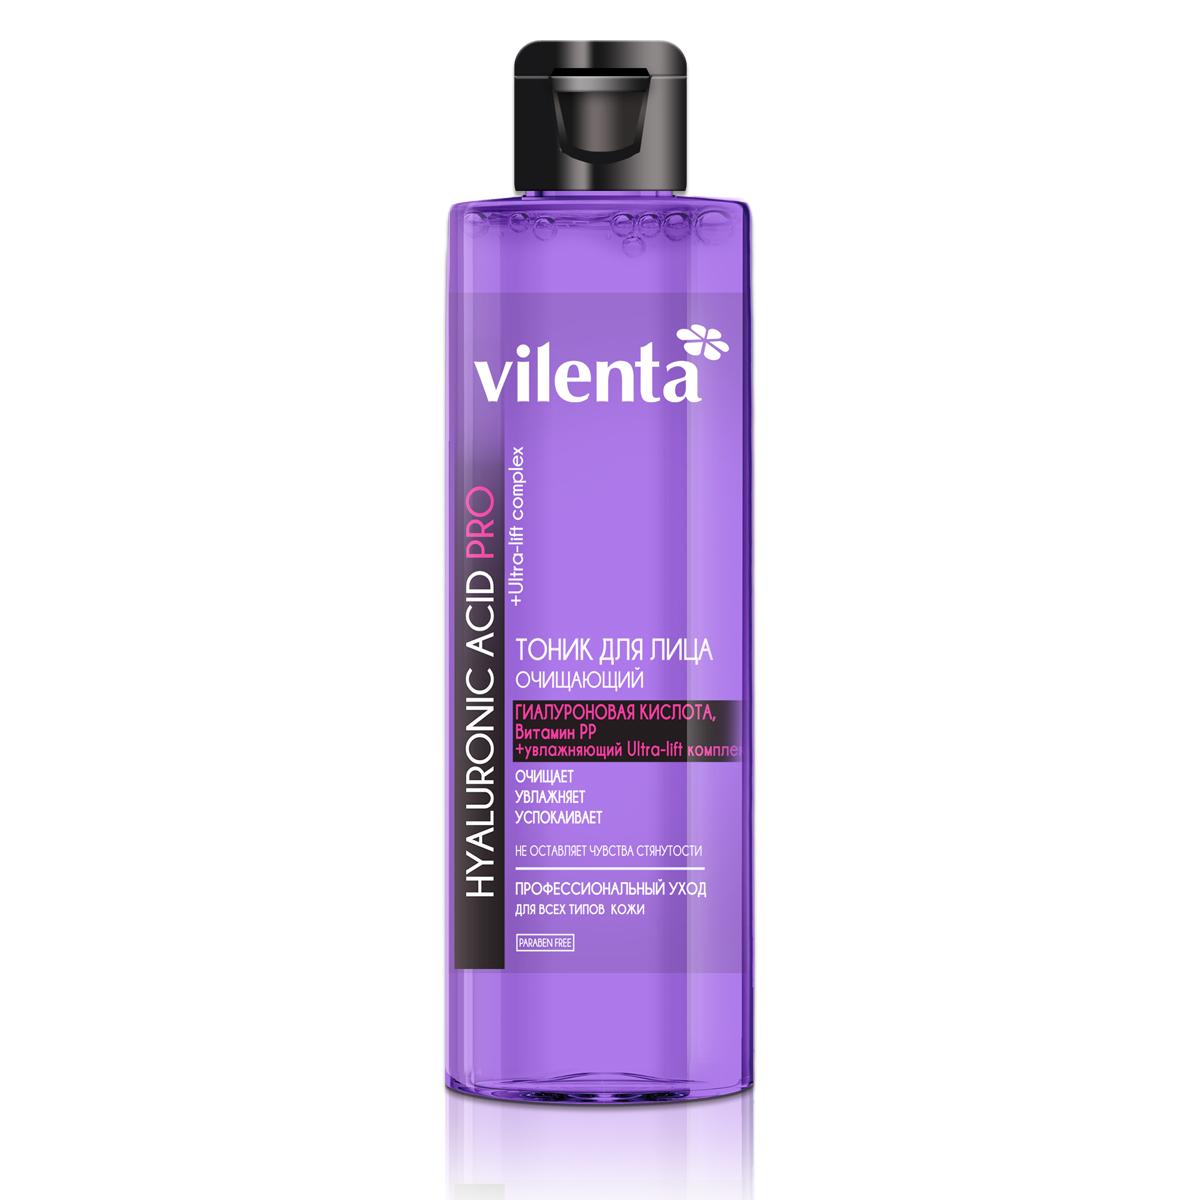 Vilenta Тоник для лица Очищающий Hyaluronic Acid Pro, 200 млN.S-2.1Легкая текстура тоника, за счёт содержания гиалуроновой кислоты и увлажняющего комплекса, восстанавливает комфортный и естественный баланс кожи. Витамин РР, входящий в состав тоника, оказывает противовоспалительное и очищающее действие, препятствует появлению комедонов. Комплекс морских водорослей повышает упругость и эластичность кожи.